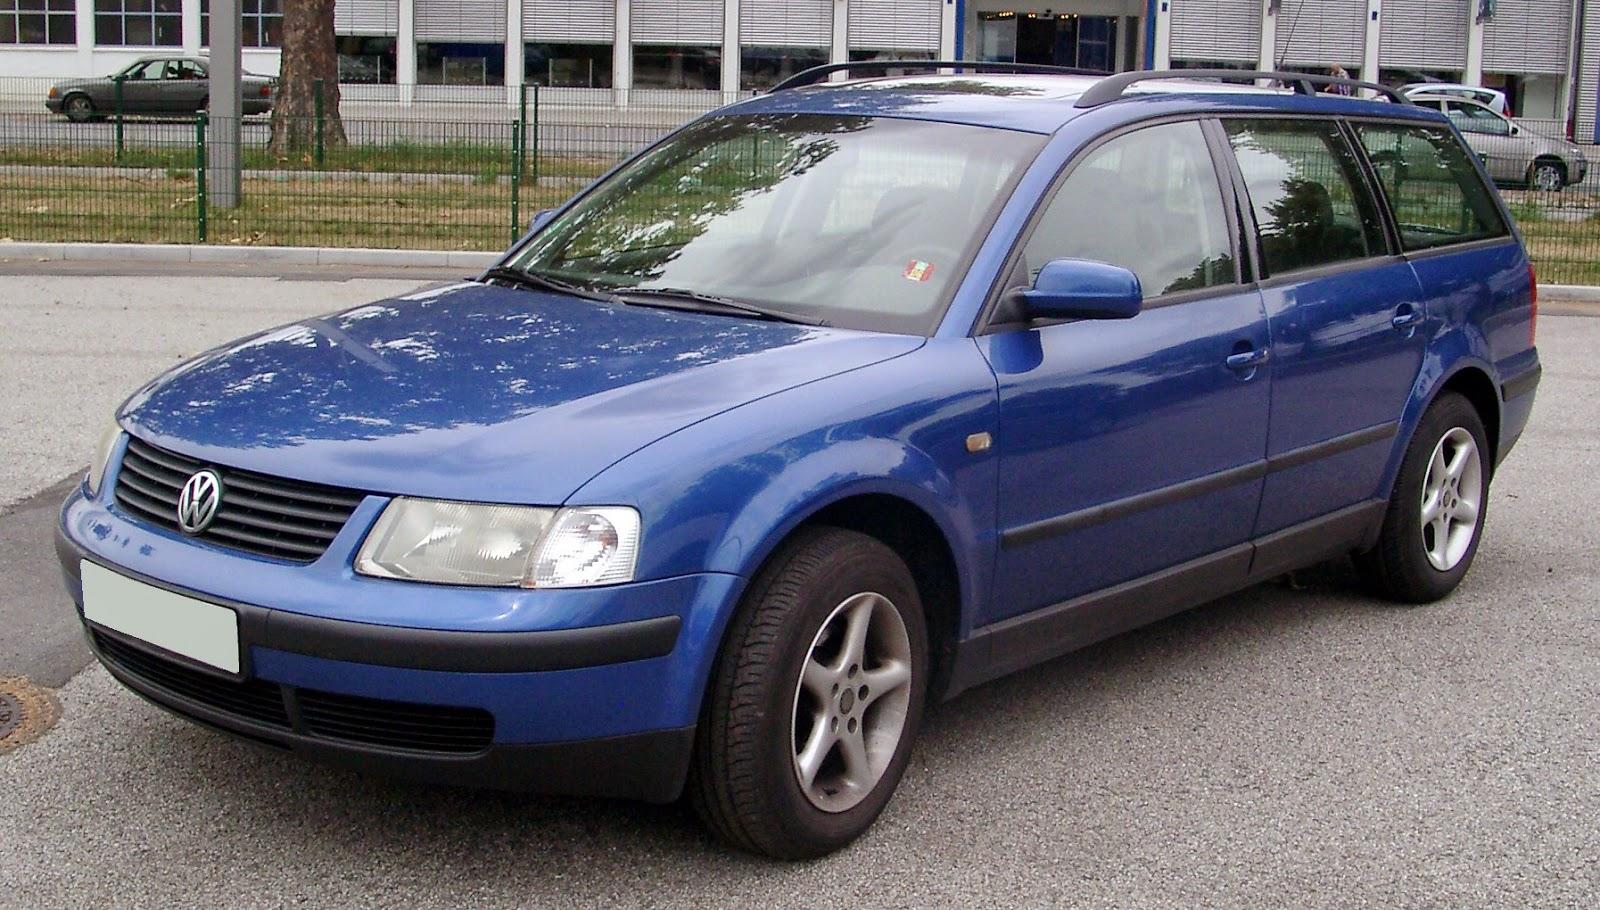 VW_Passat_B5_Variant_front_20080801.jpg